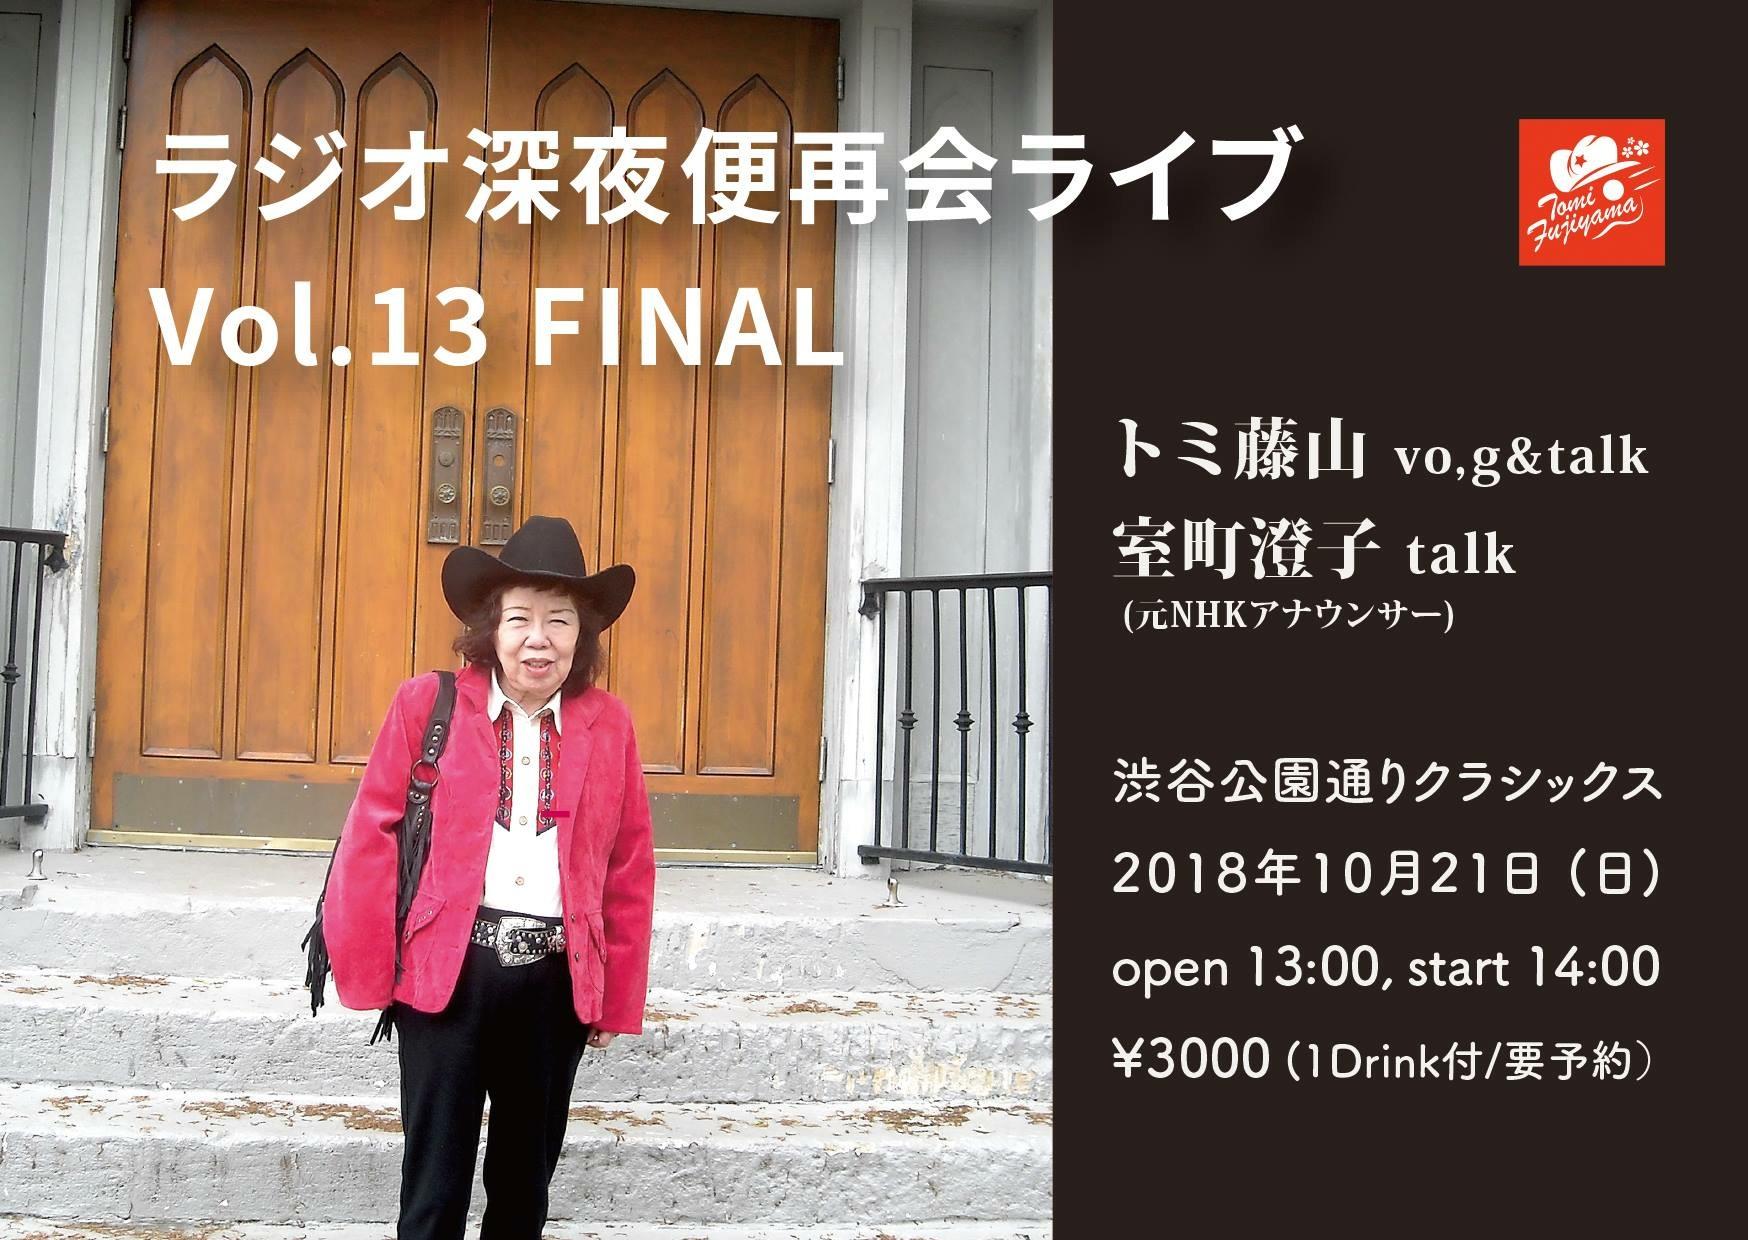 ラジオ深夜便再開ライブ Vol.13FINAL